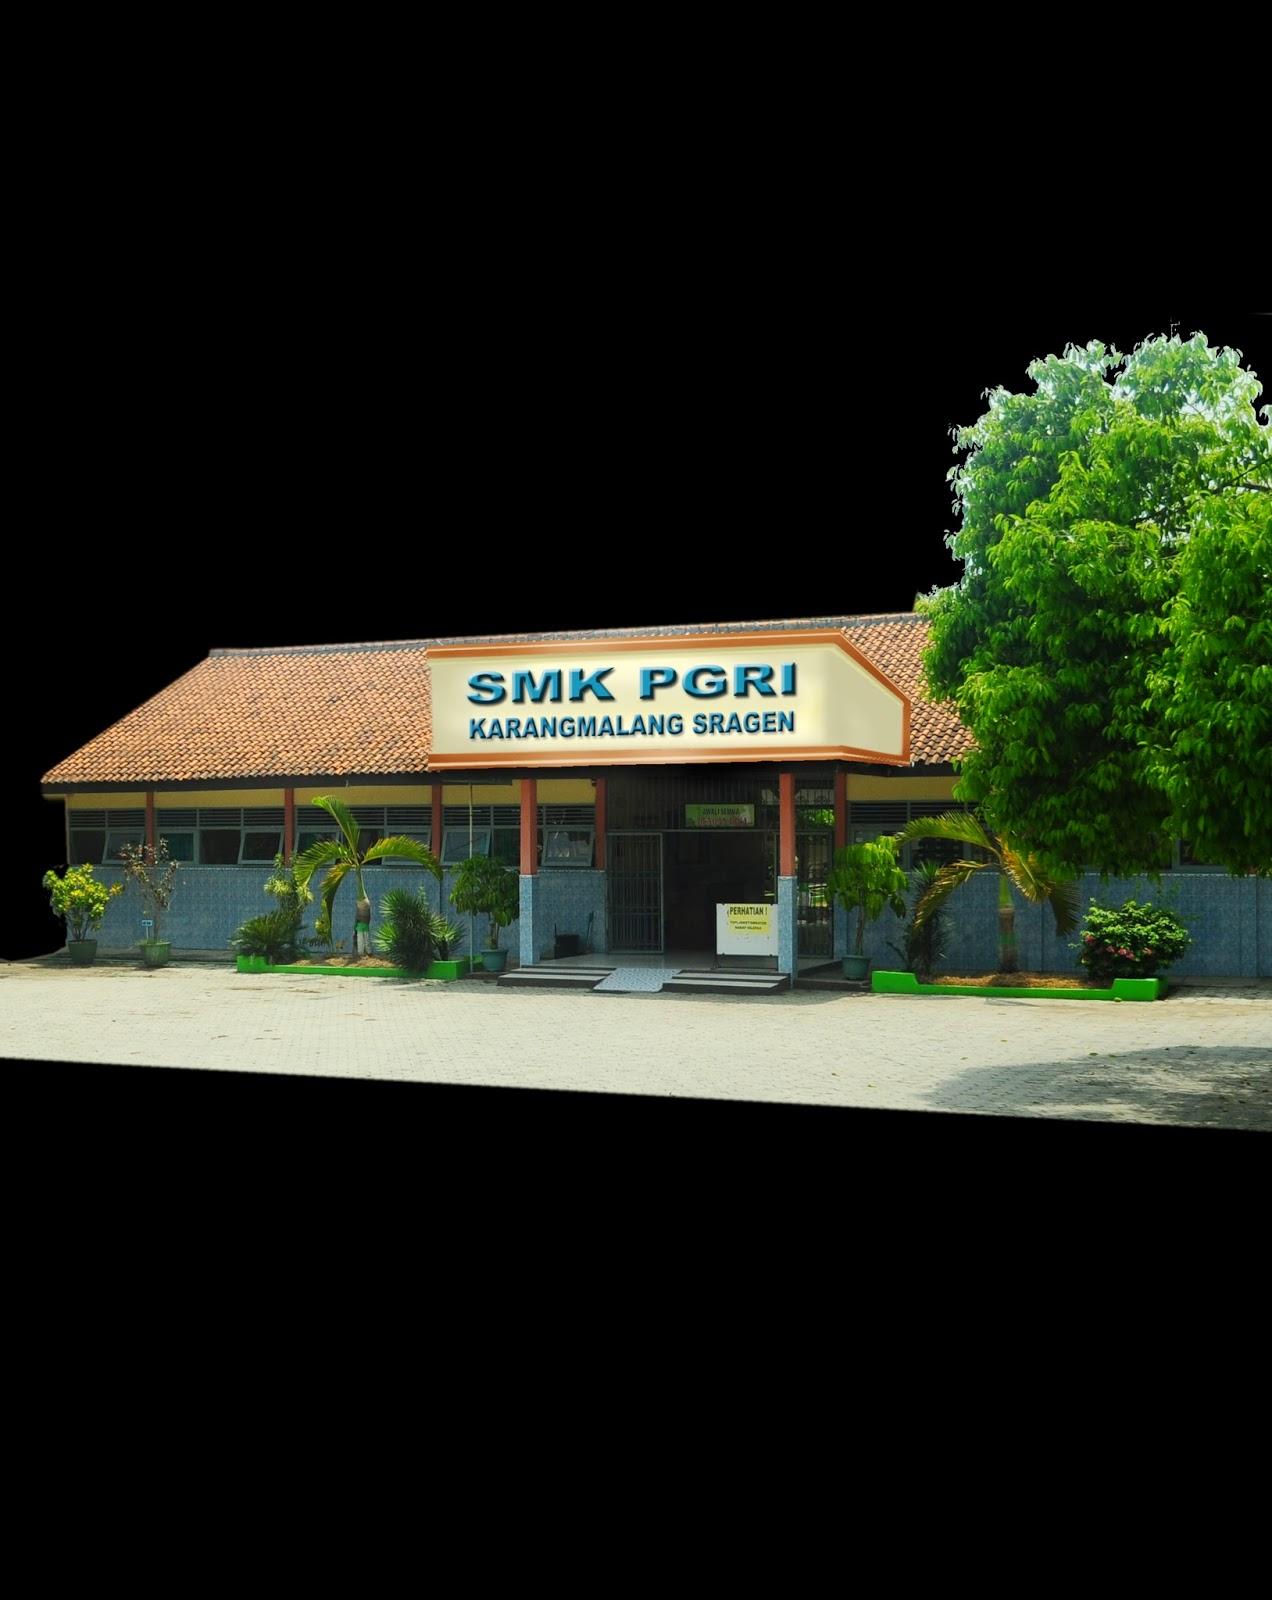 Prestasi Smk Pgri Karangmalang Sragen 2013 Teknologi Dan Informasi